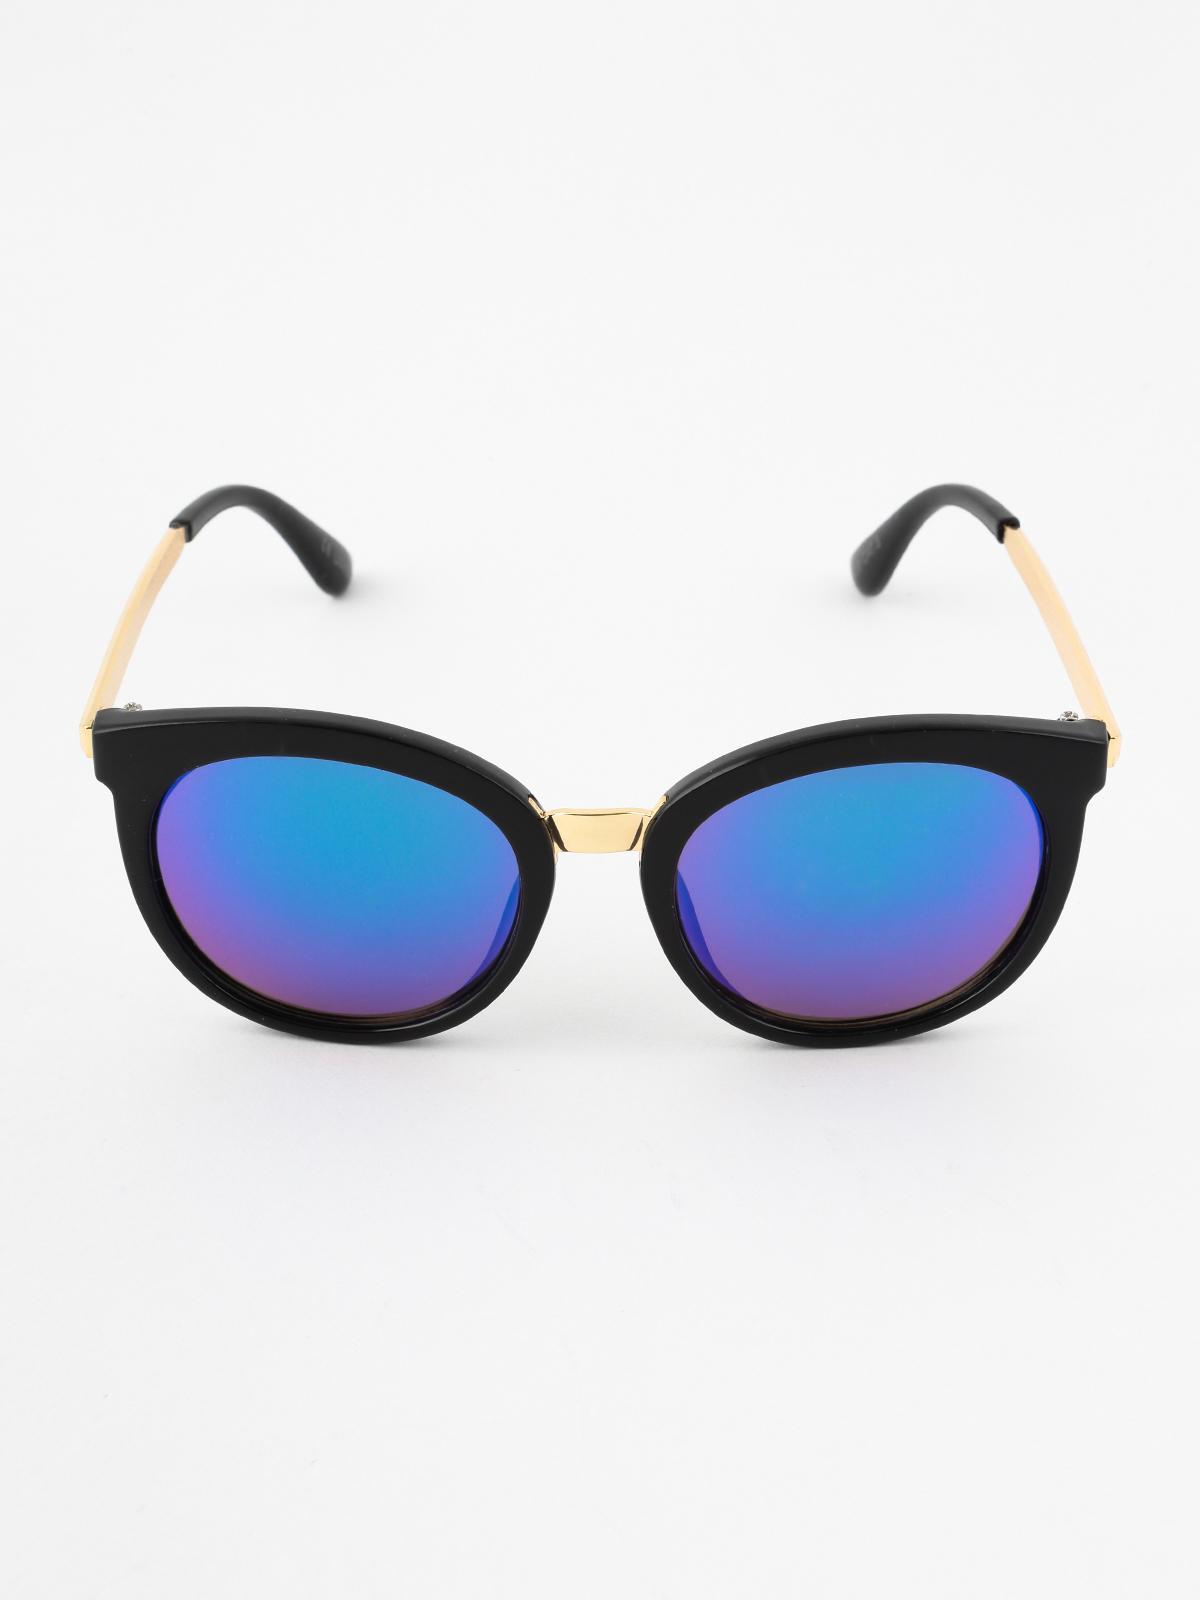 27fddb8164 Occhiali da sole con lenti a specchio seevision | MecShopping